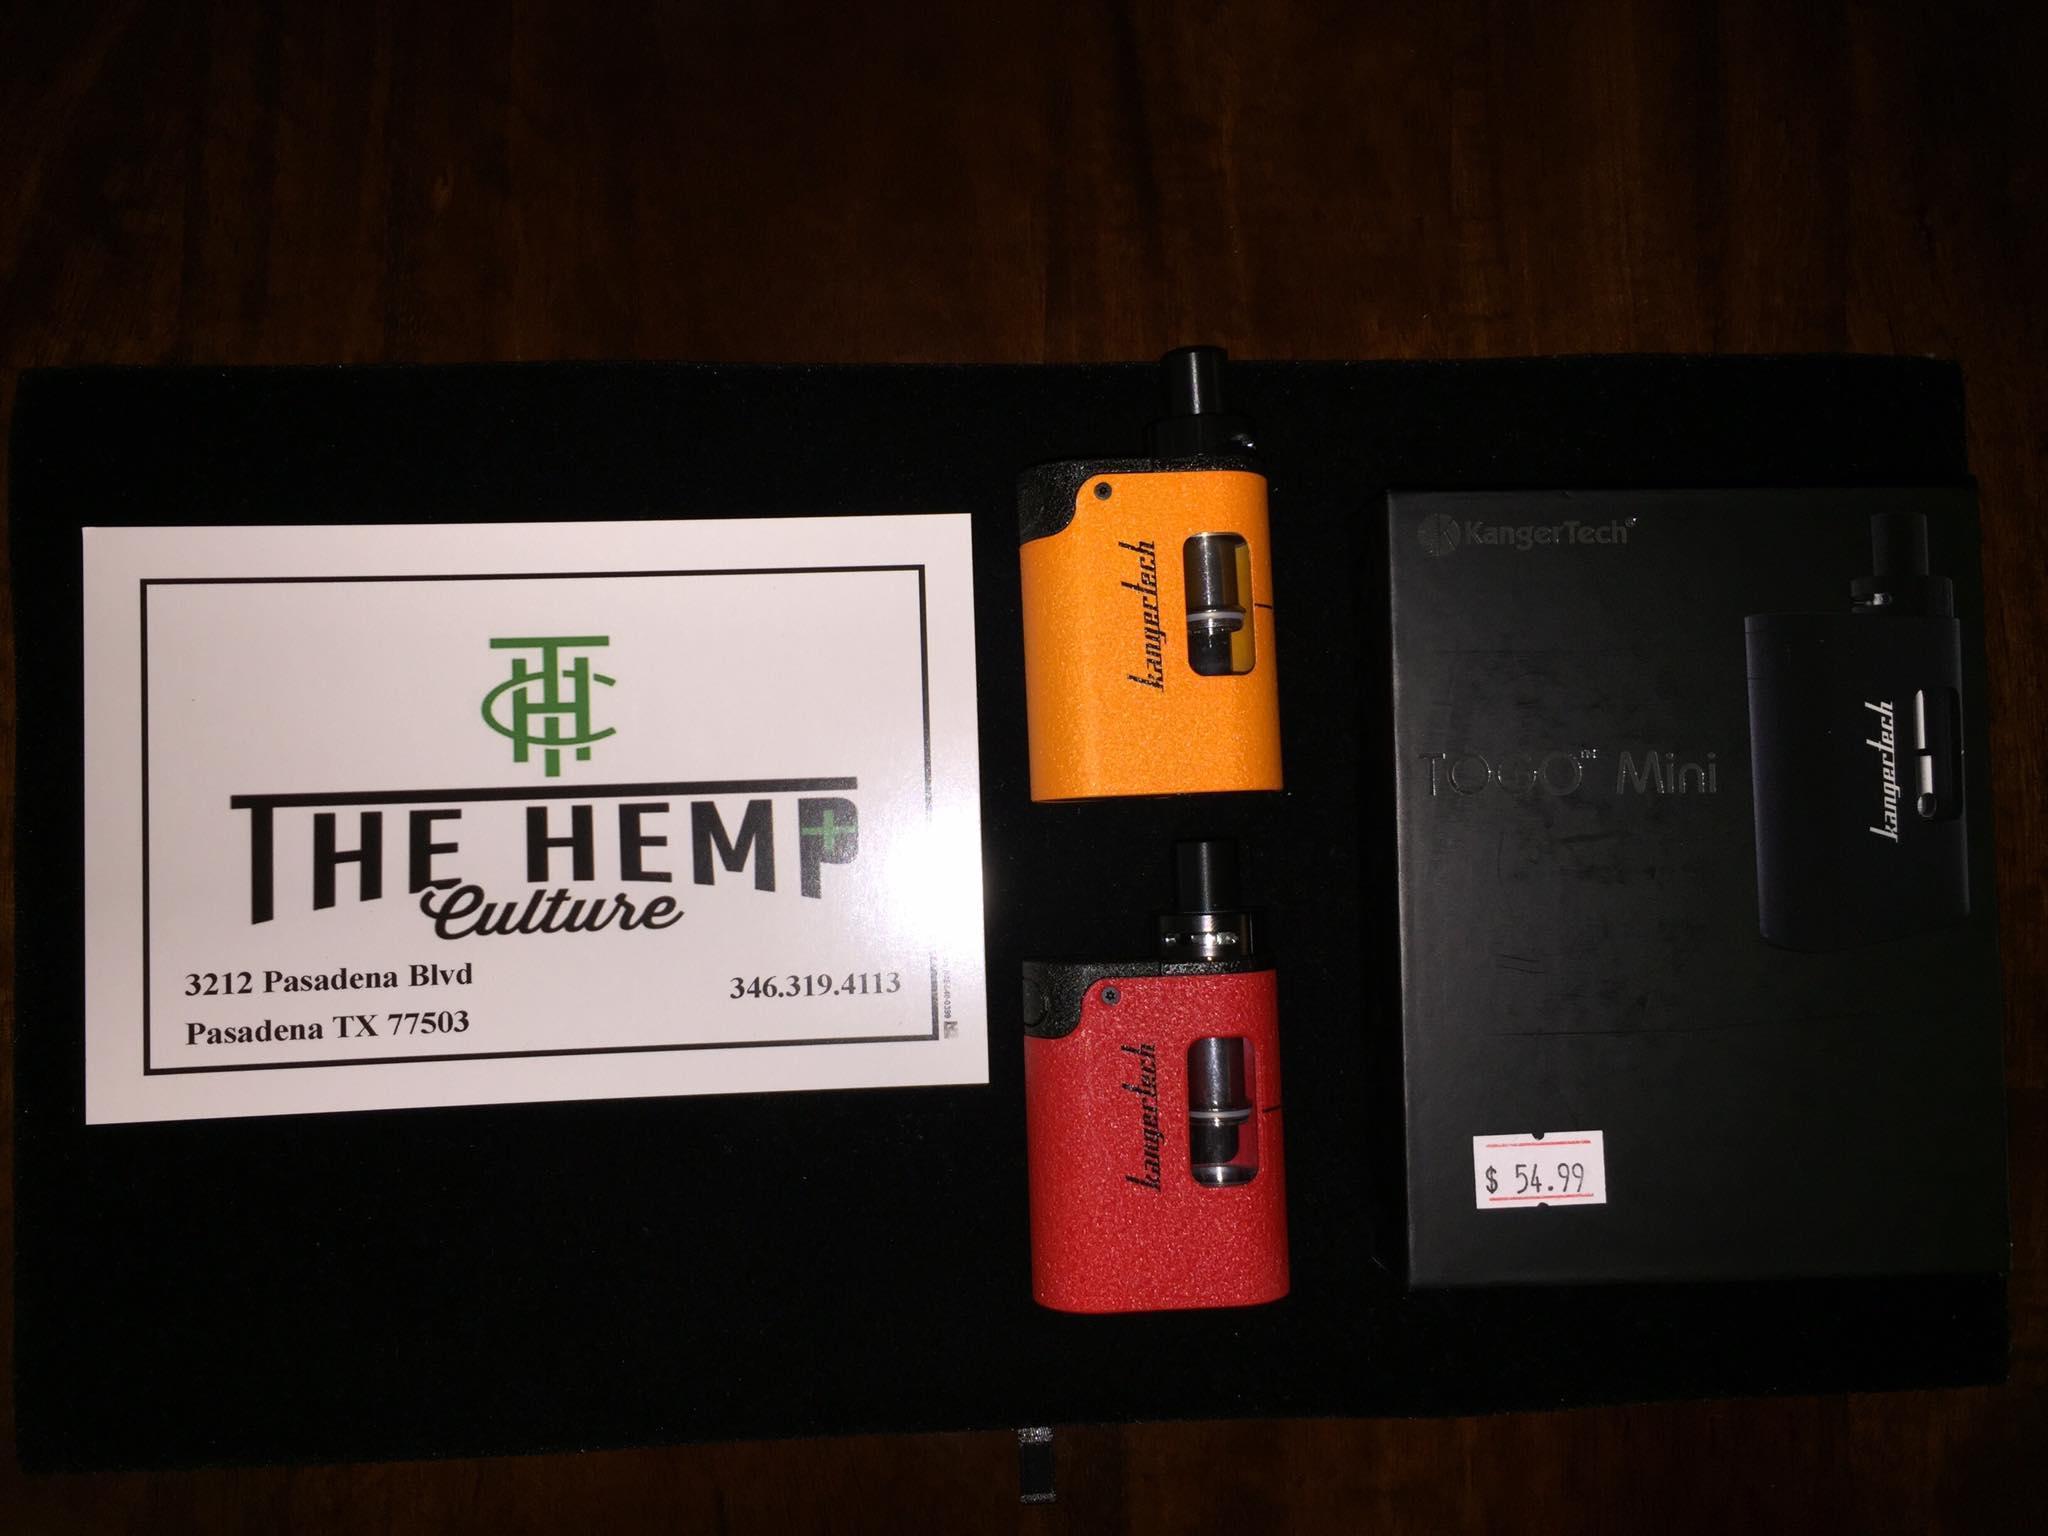 The Hemp Culture image 1